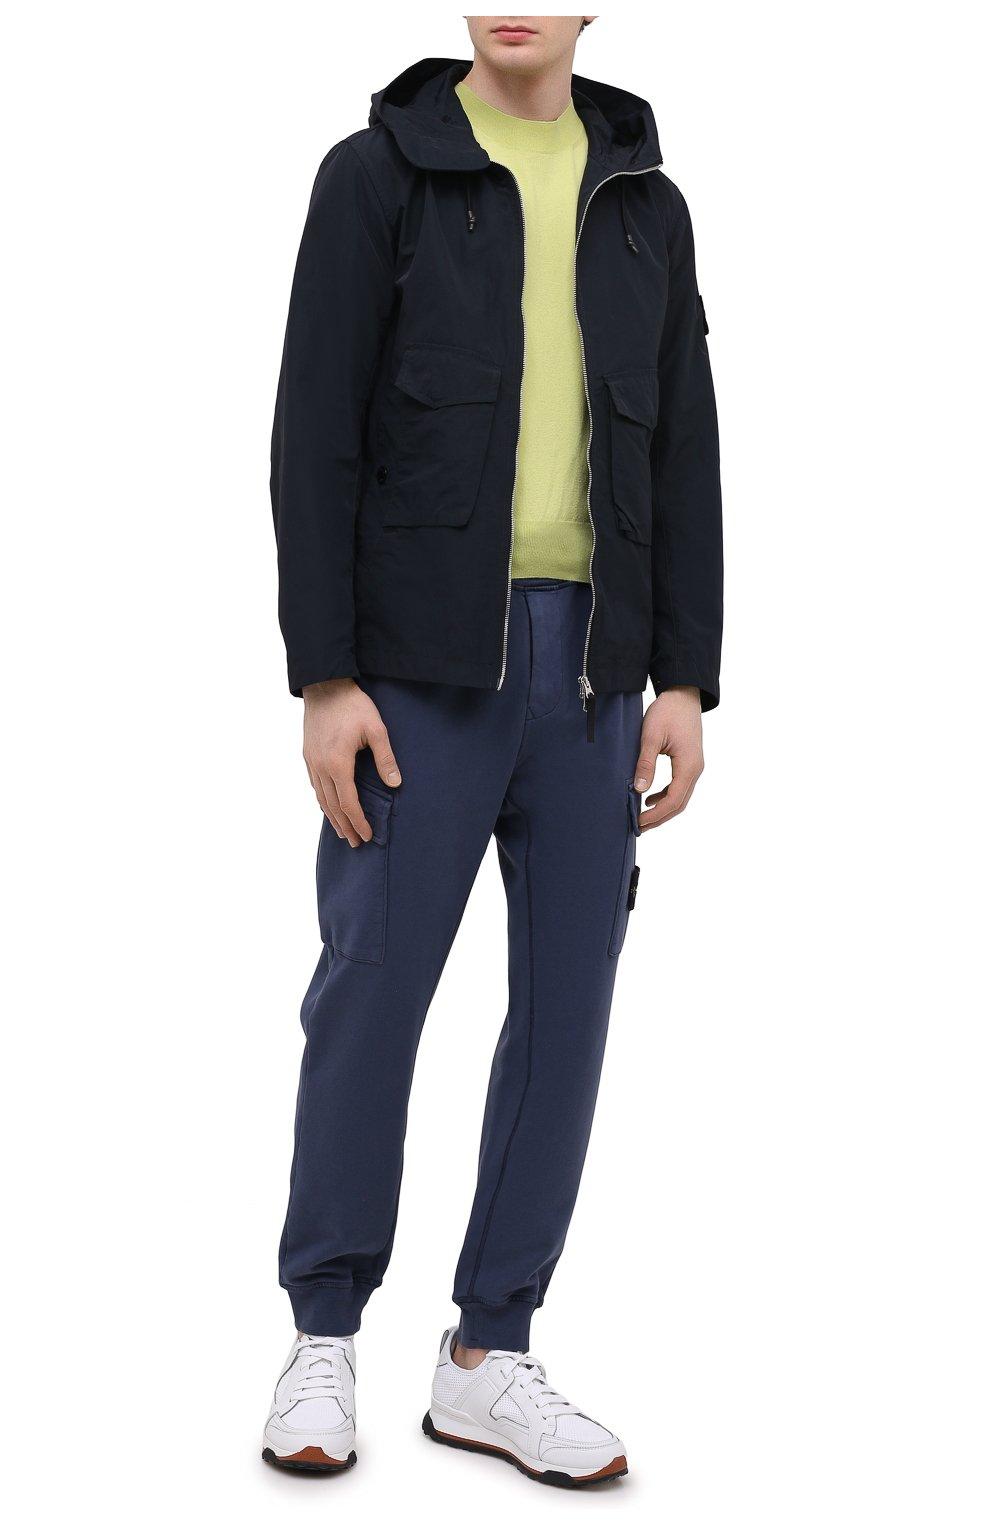 Мужские хлопковые джоггеры STONE ISLAND темно-синего цвета, арт. 741565251   Фото 2 (Силуэт М (брюки): Карго, Джоггеры; Мужское Кросс-КТ: Брюки-трикотаж; Длина (брюки, джинсы): Стандартные; Материал внешний: Хлопок; Стили: Спорт-шик)